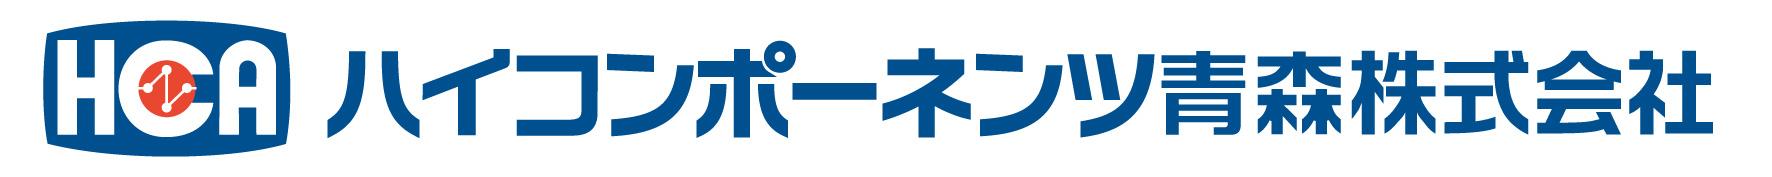 ハイコンポーネンツ青森株式会社